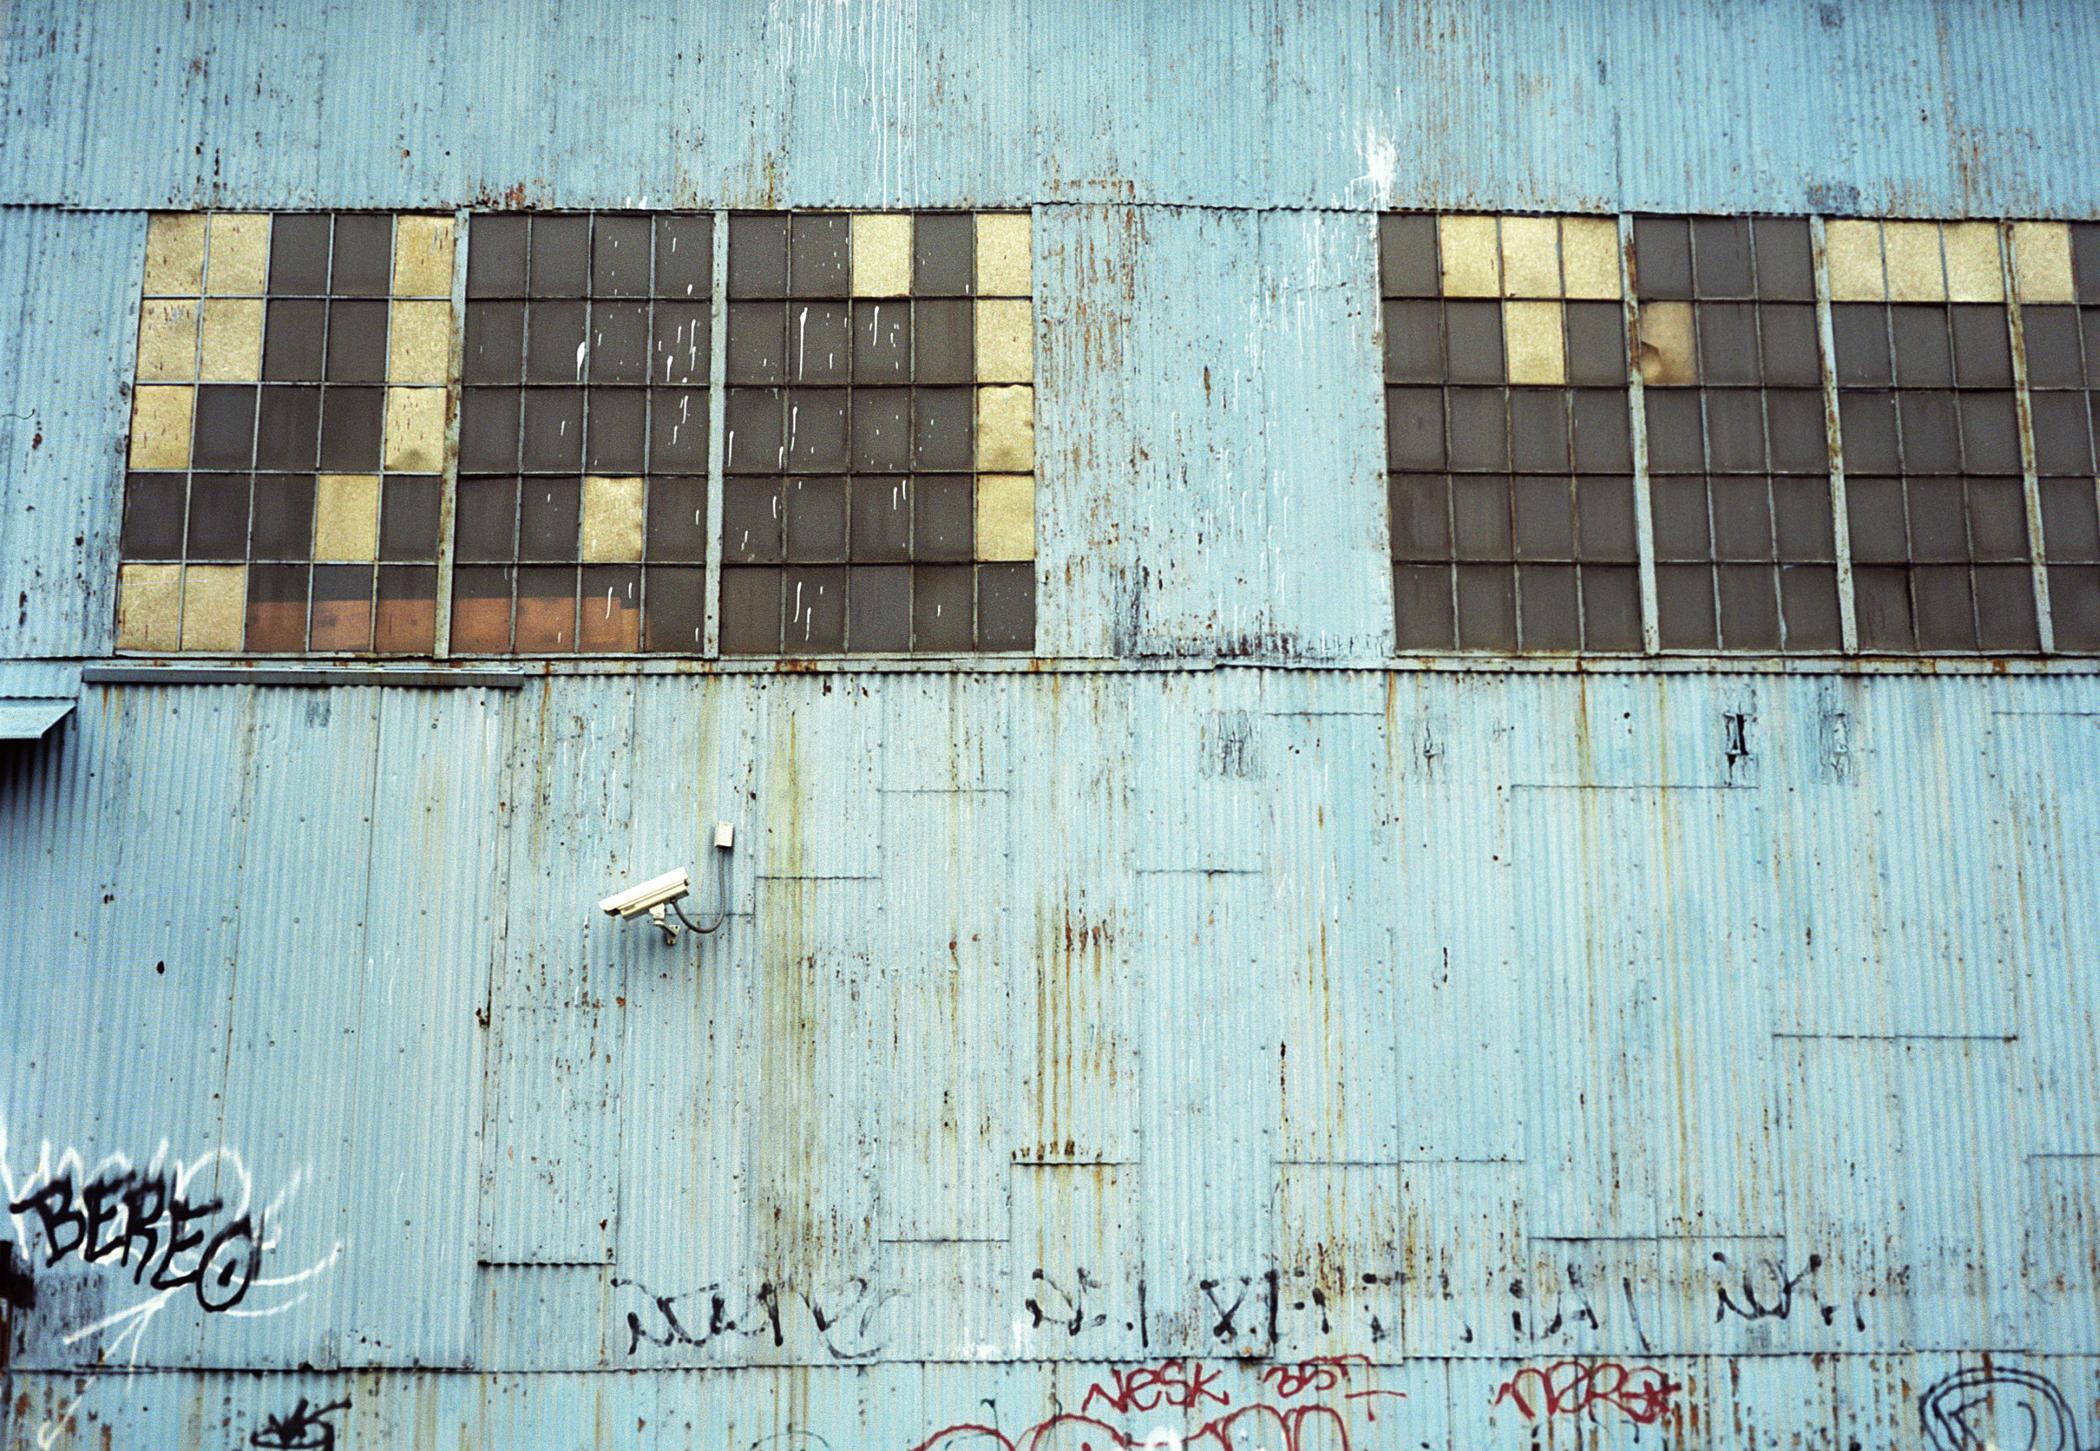 bluebuilding01.jpg